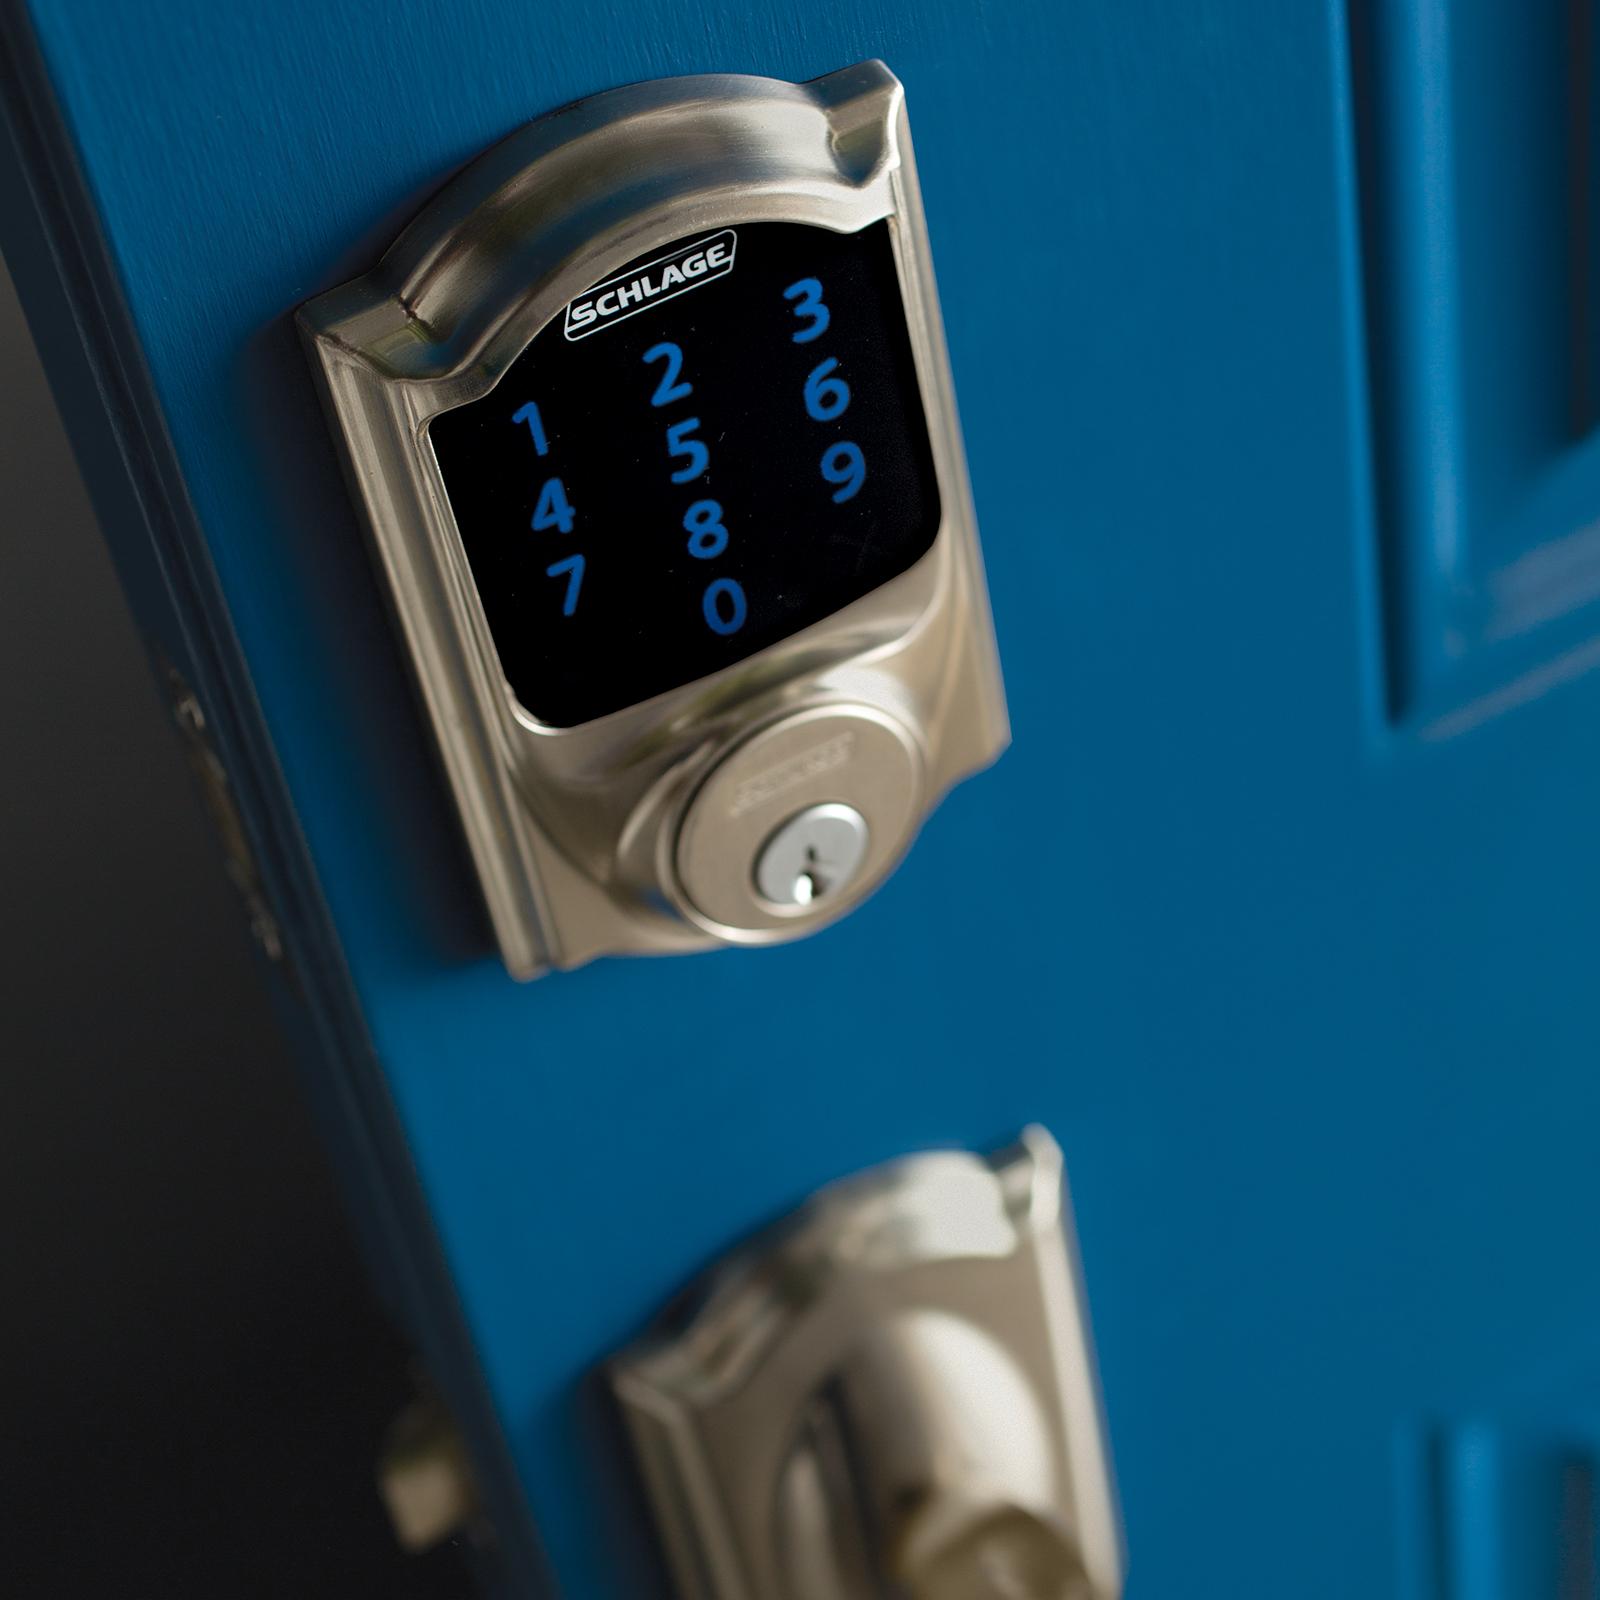 schlage connect schlage z schlage electronic keypad locks schlage be469nx schlage century. Black Bedroom Furniture Sets. Home Design Ideas